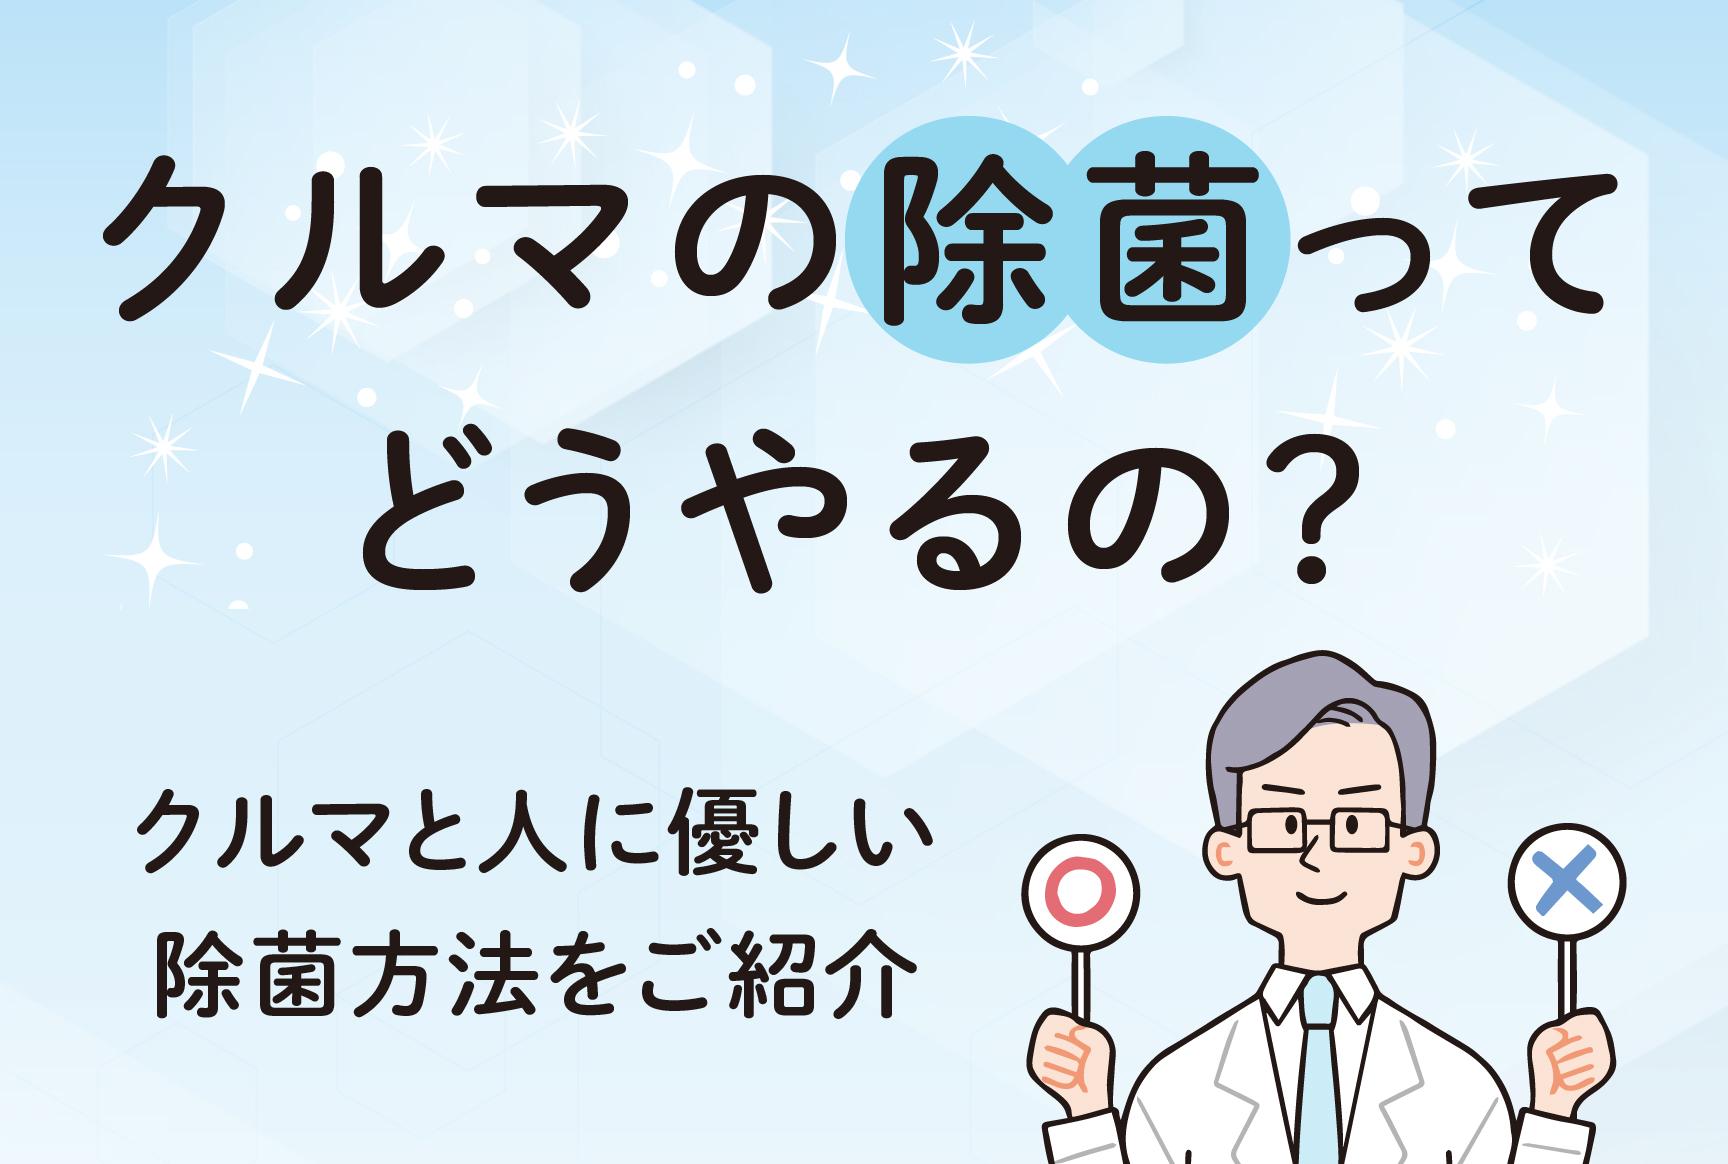 クルマの除菌ってどうやるの?